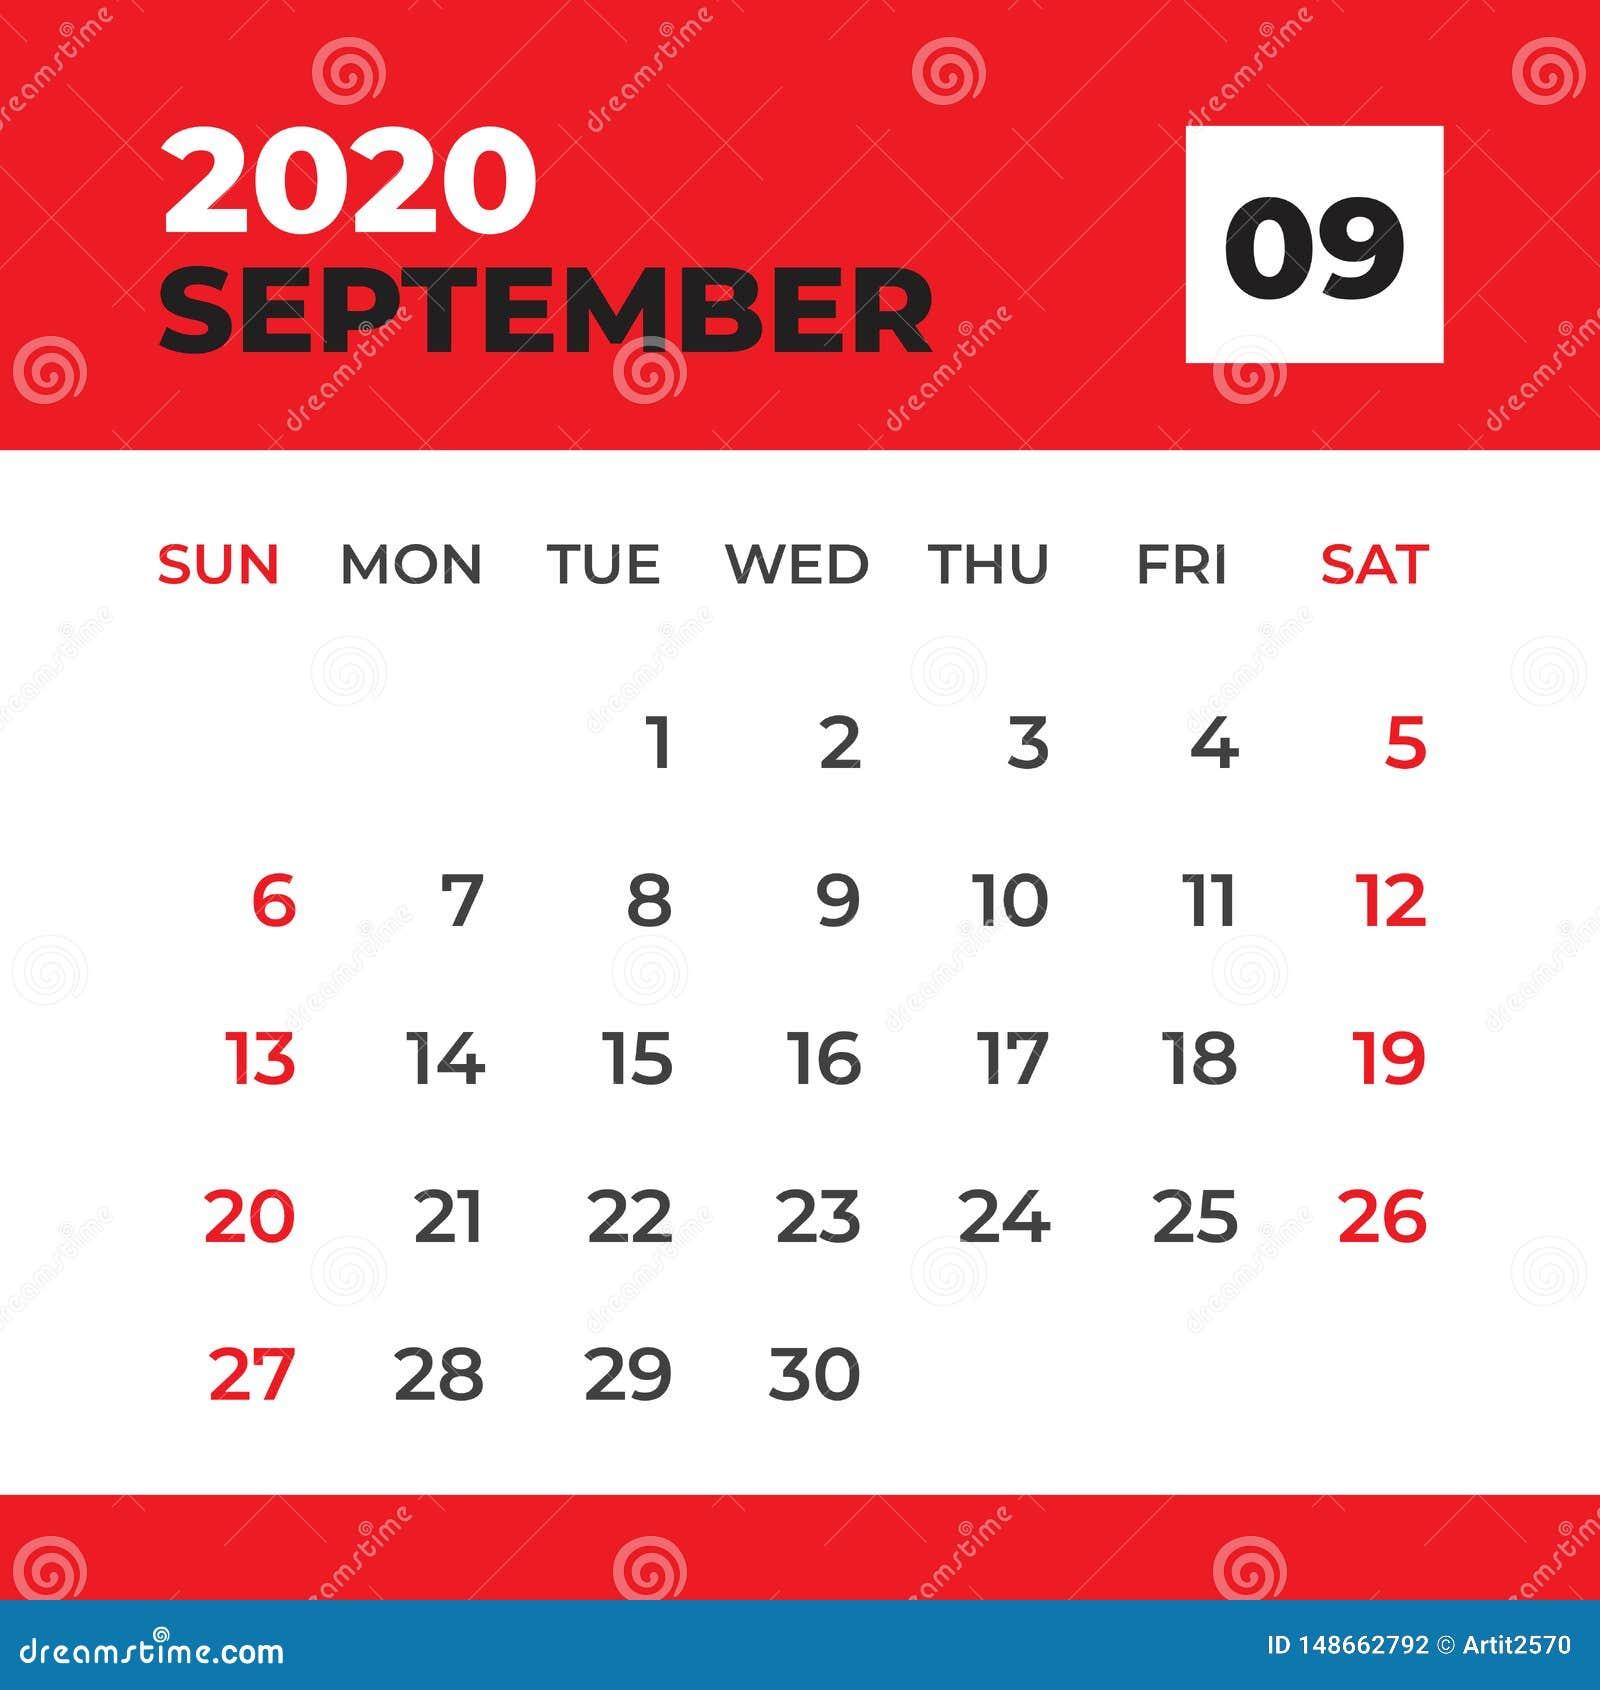 Calendrier Septembre 2020.Septembre 2020 Calibre Calendrier De Bureau Pendant 2020